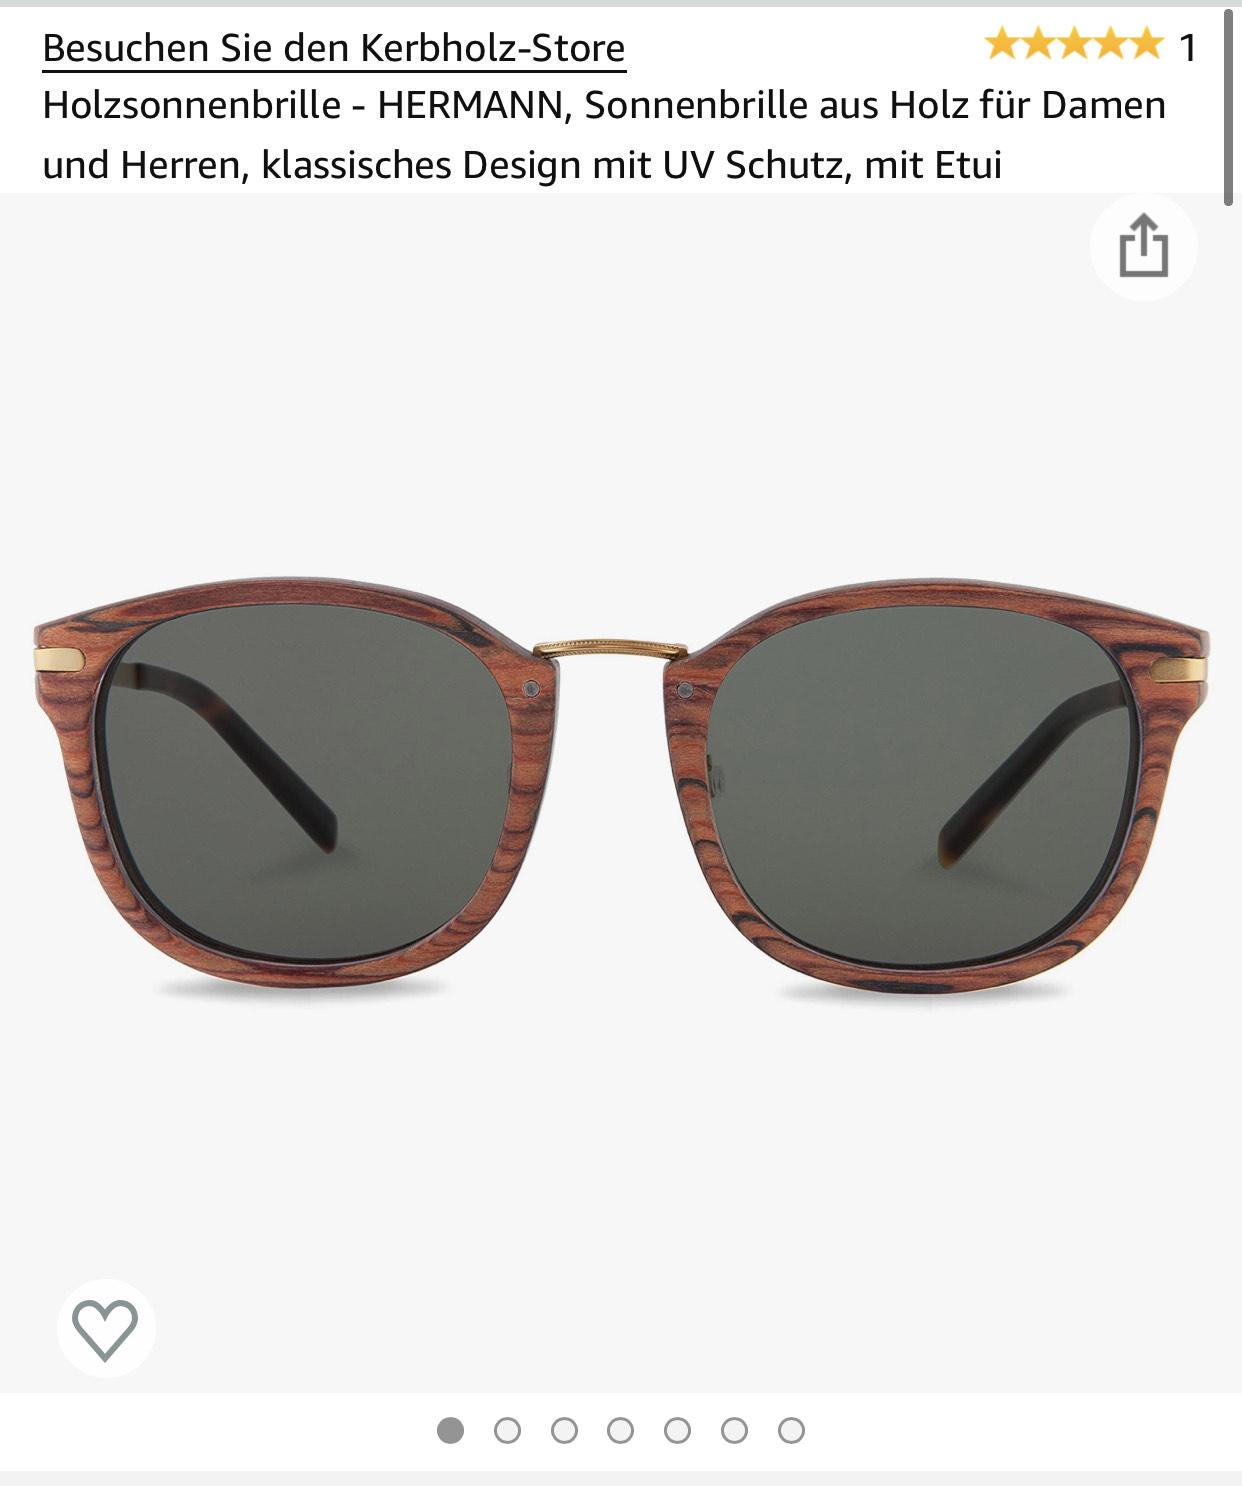 Preisfehler - Holzsonnenbrille HERMANN von Kerbholz mit Amazon Prime Versand